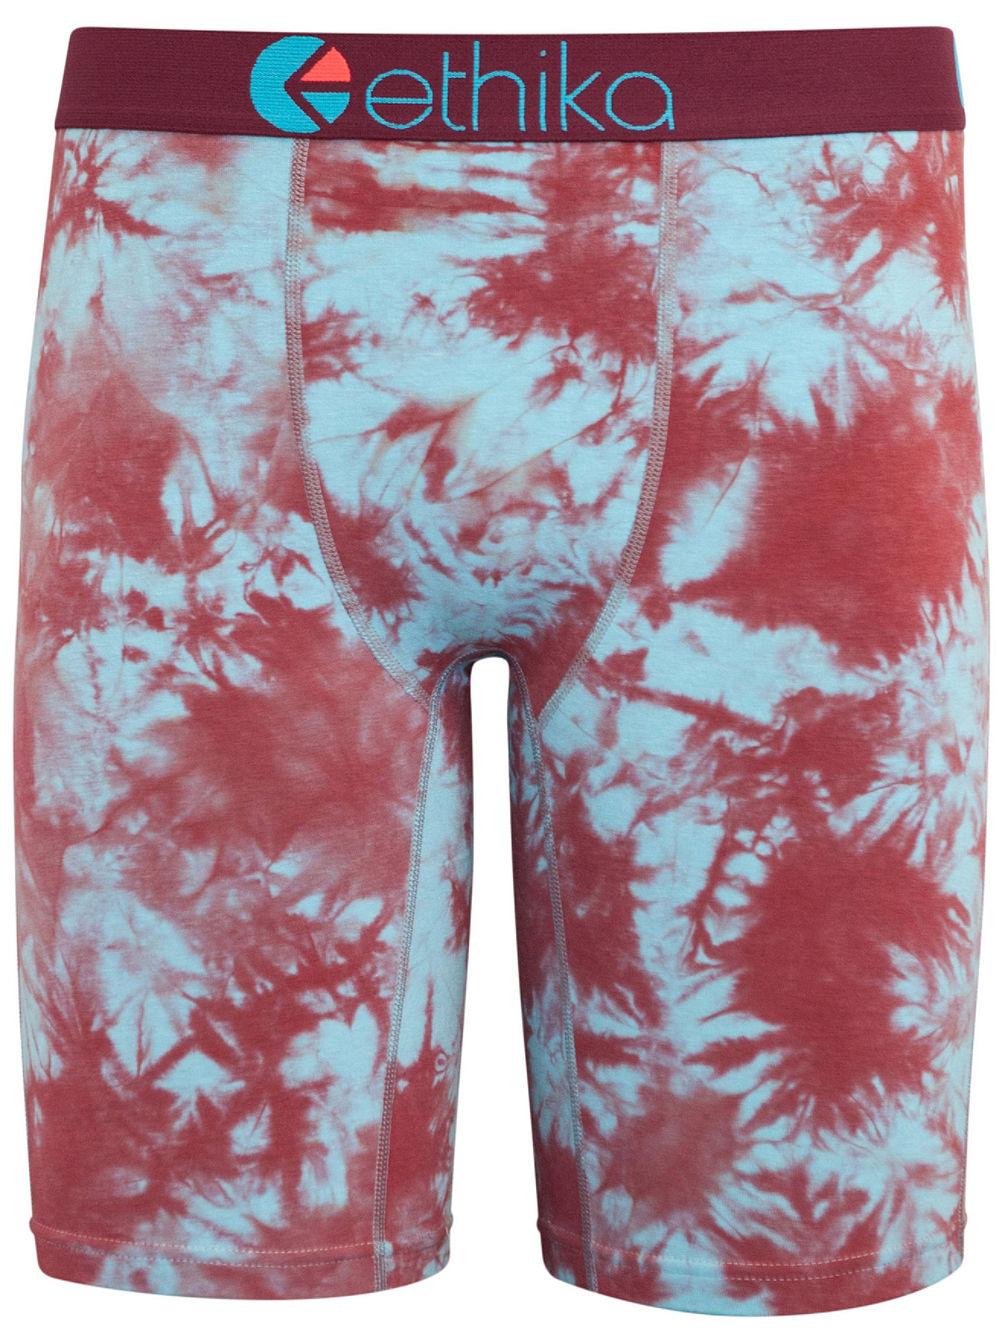 ethika-blue-maroon-td-boxershorts